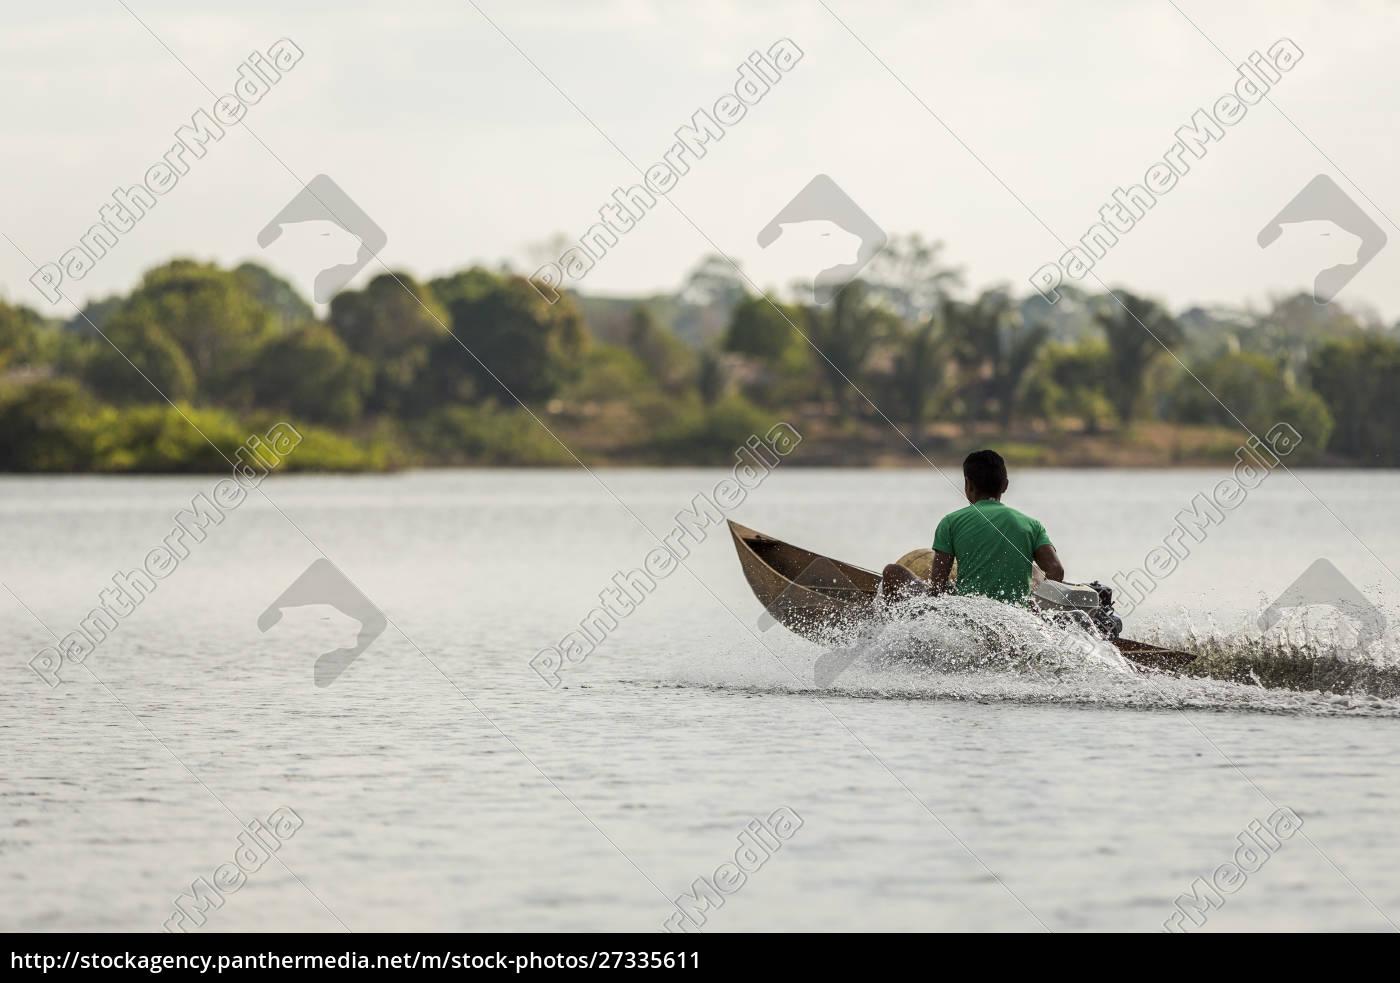 homem, em, canoa, motorizada, de, madeira - 27335611